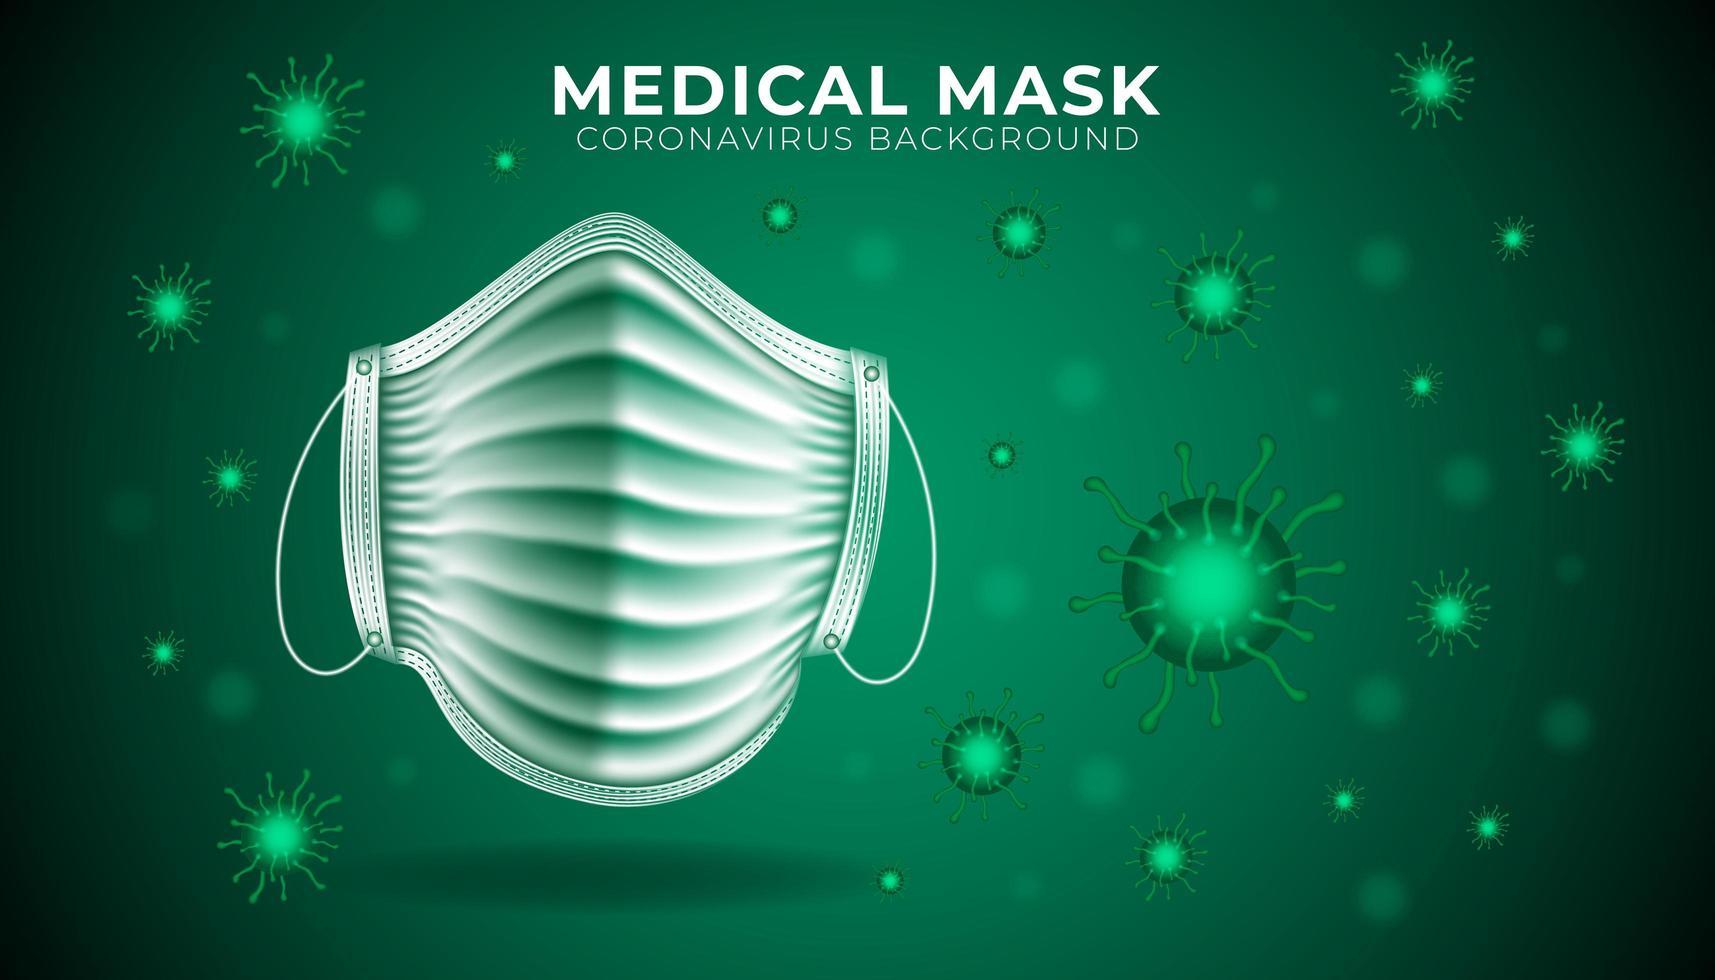 grüner medizinischer Maskenschutzhintergrund vektor